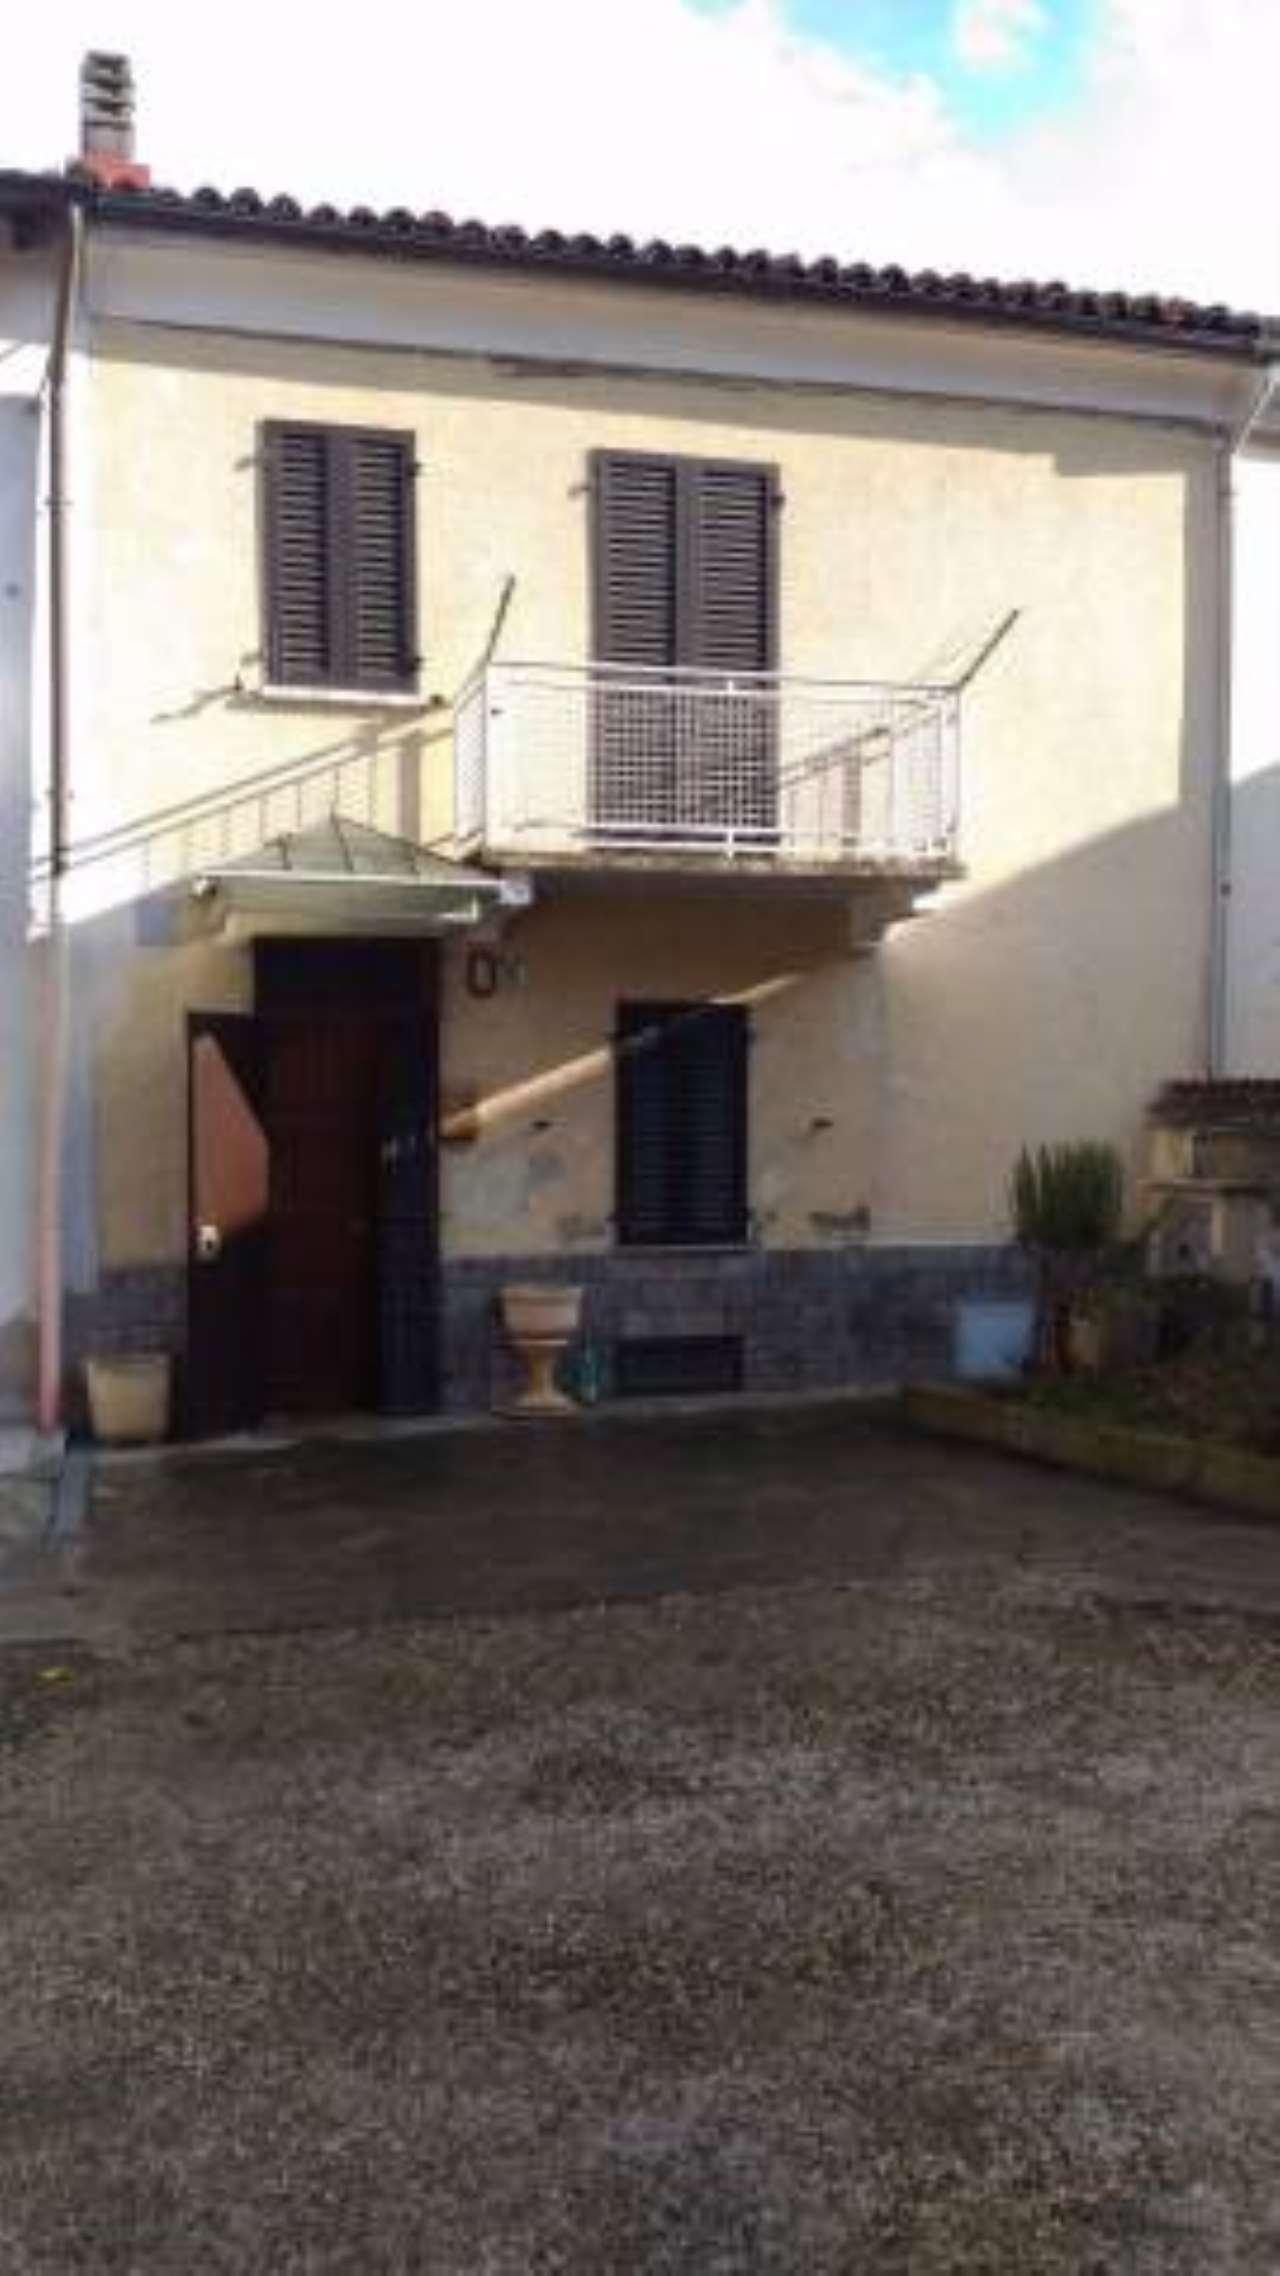 Soluzione Indipendente in vendita a San Salvatore Monferrato, 9999 locali, prezzo € 70.000 | CambioCasa.it